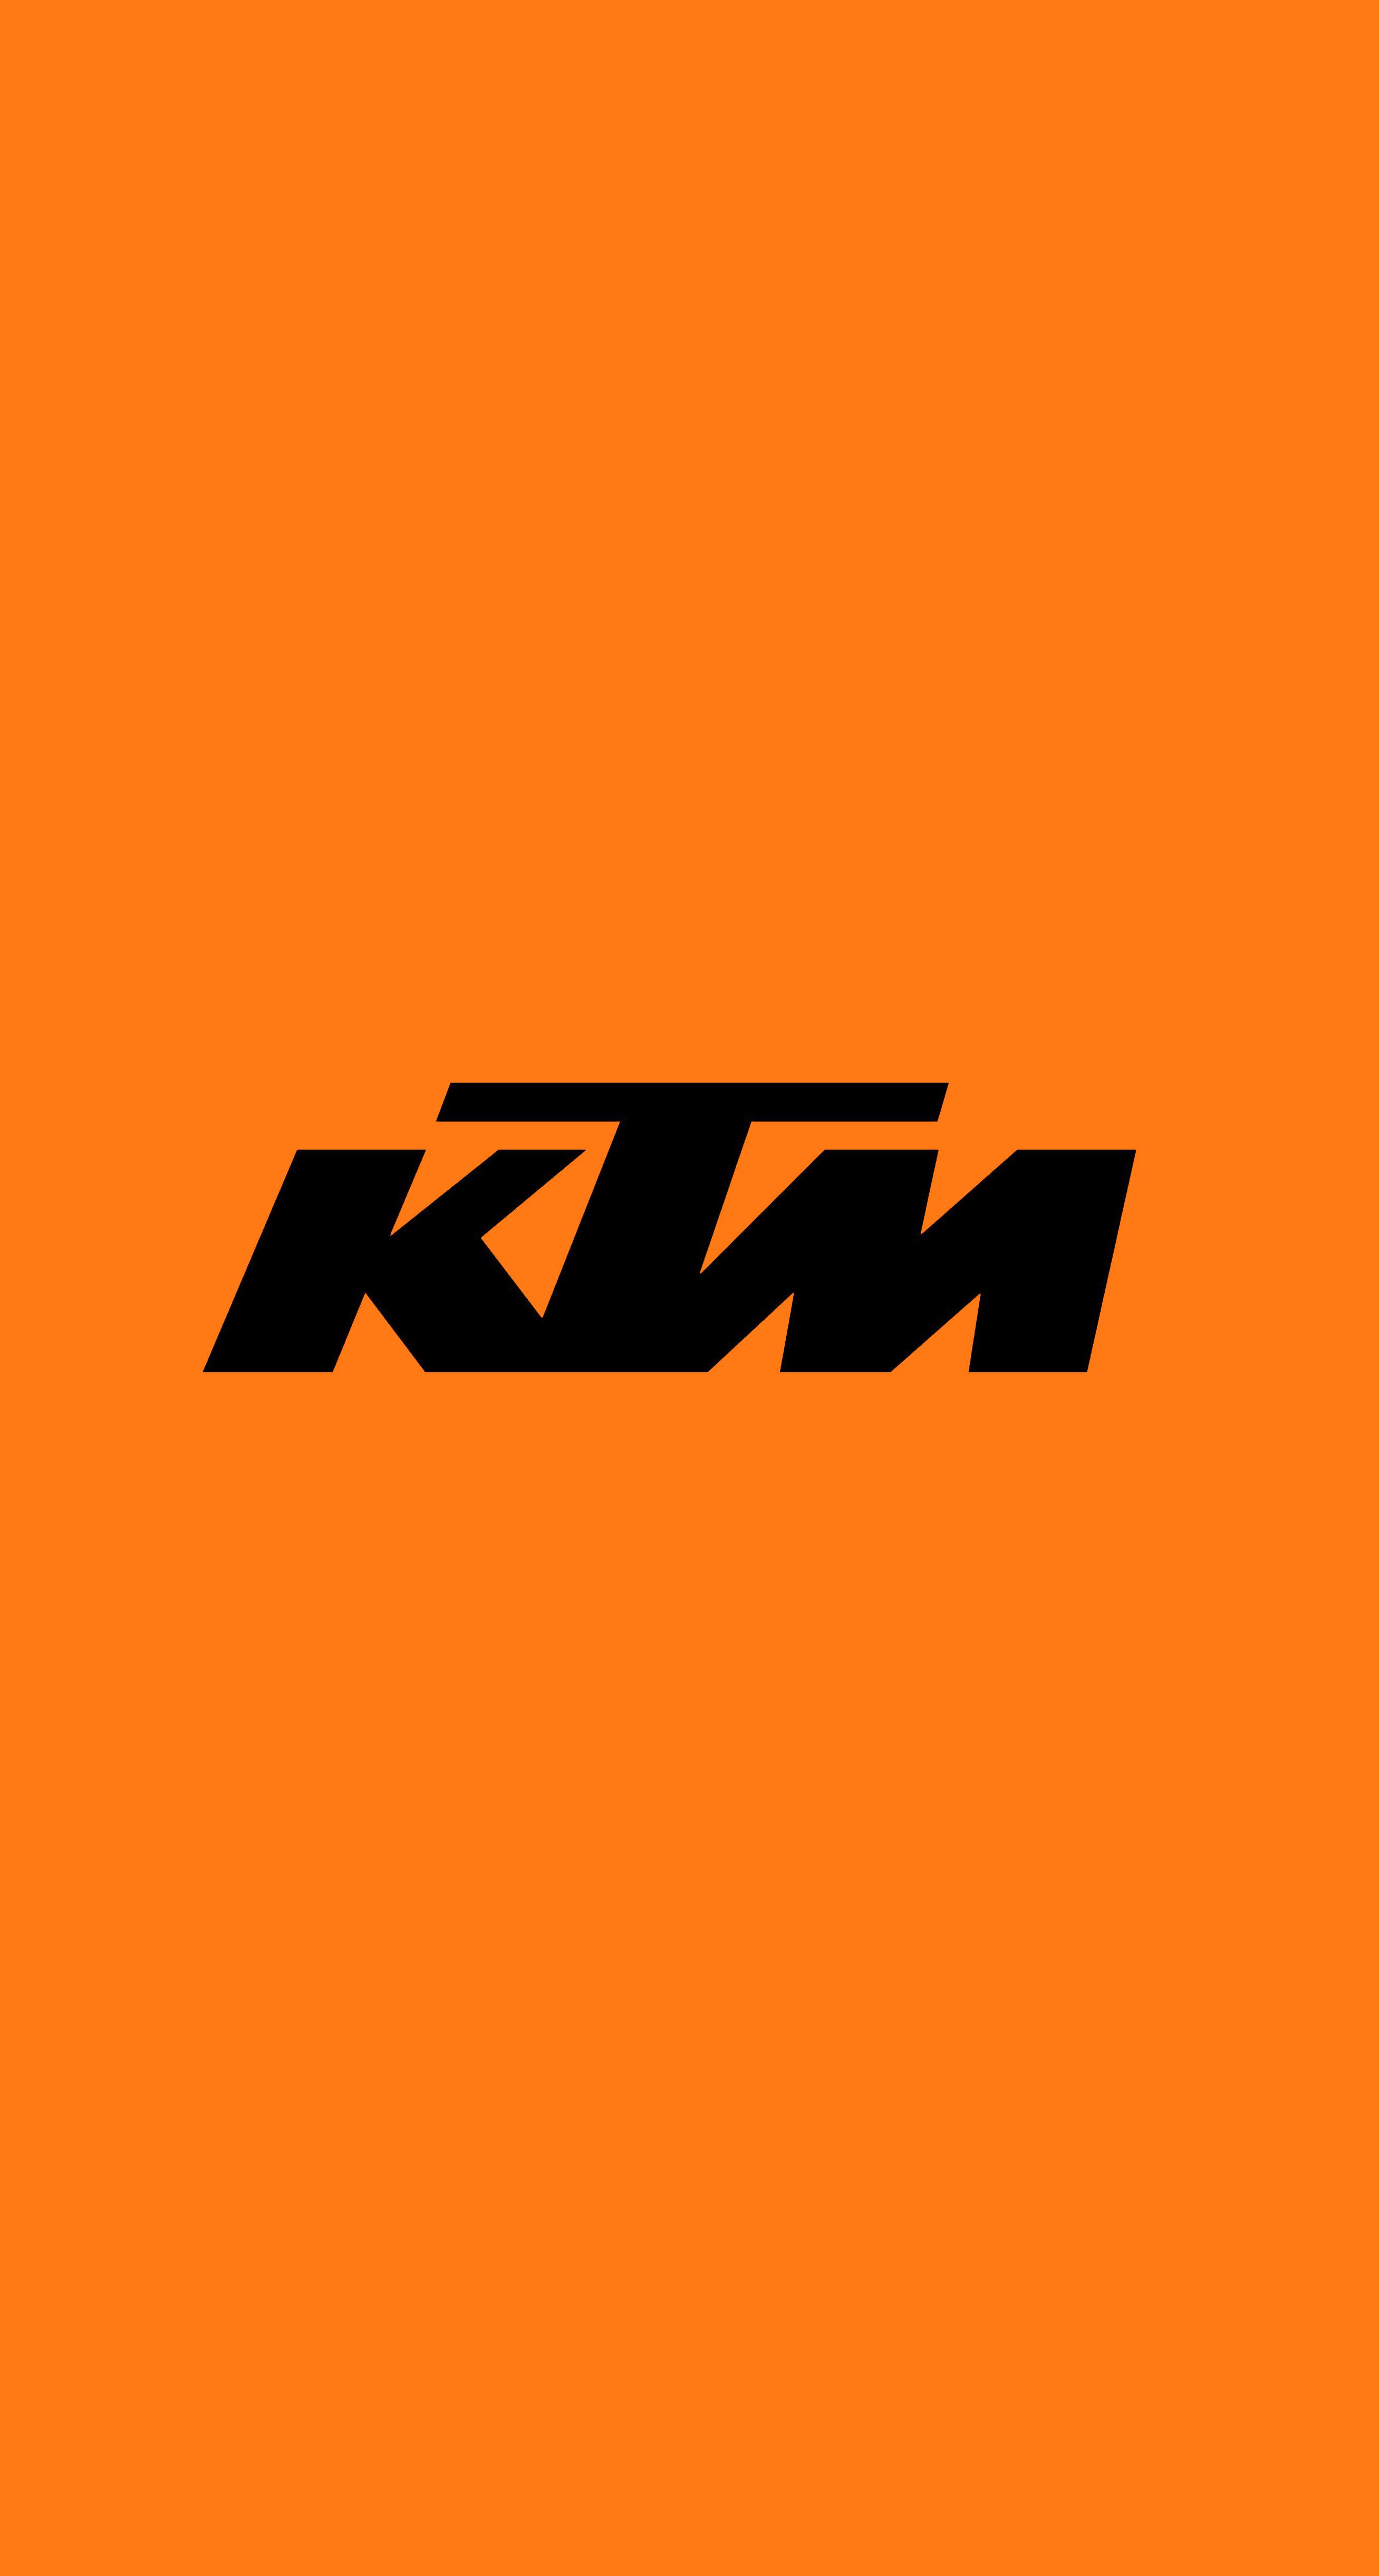 Ktm Rc Logos